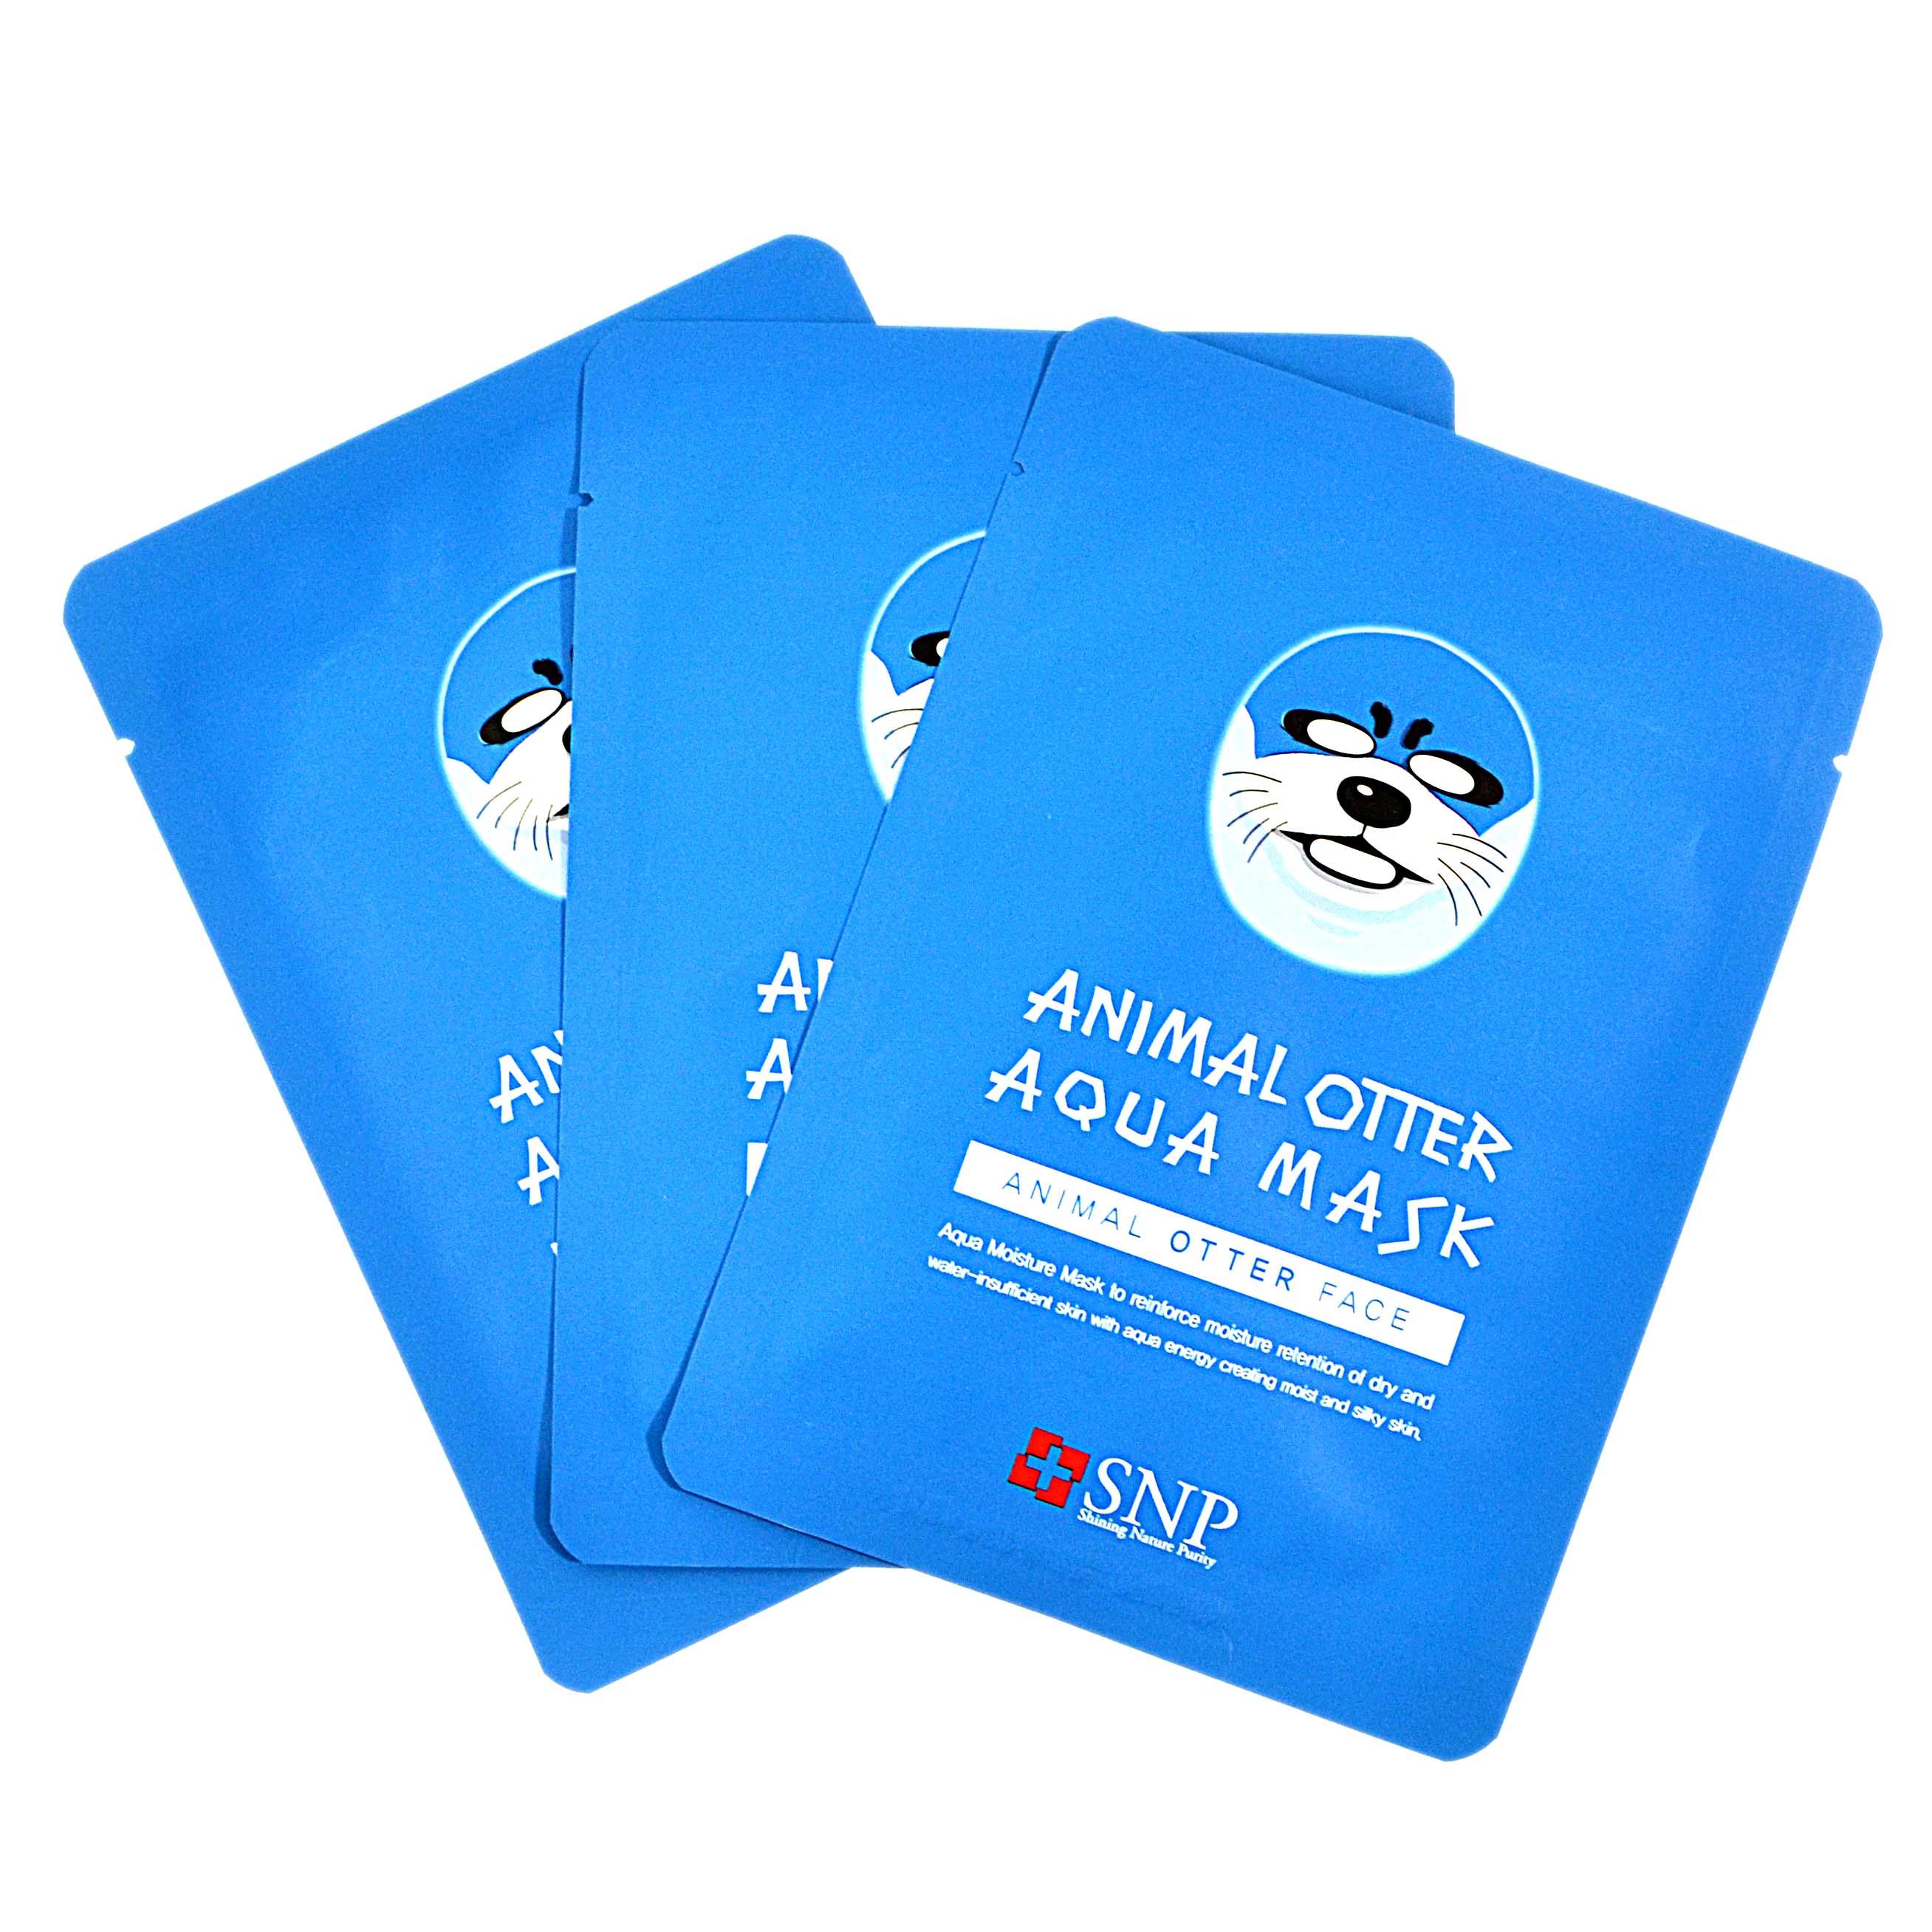 แพ็ค 3 แผ่น แผ่นมาร์คหน้าลายสัตว์ SNP Otter aqua mask นำเข้าจากเกาหลี